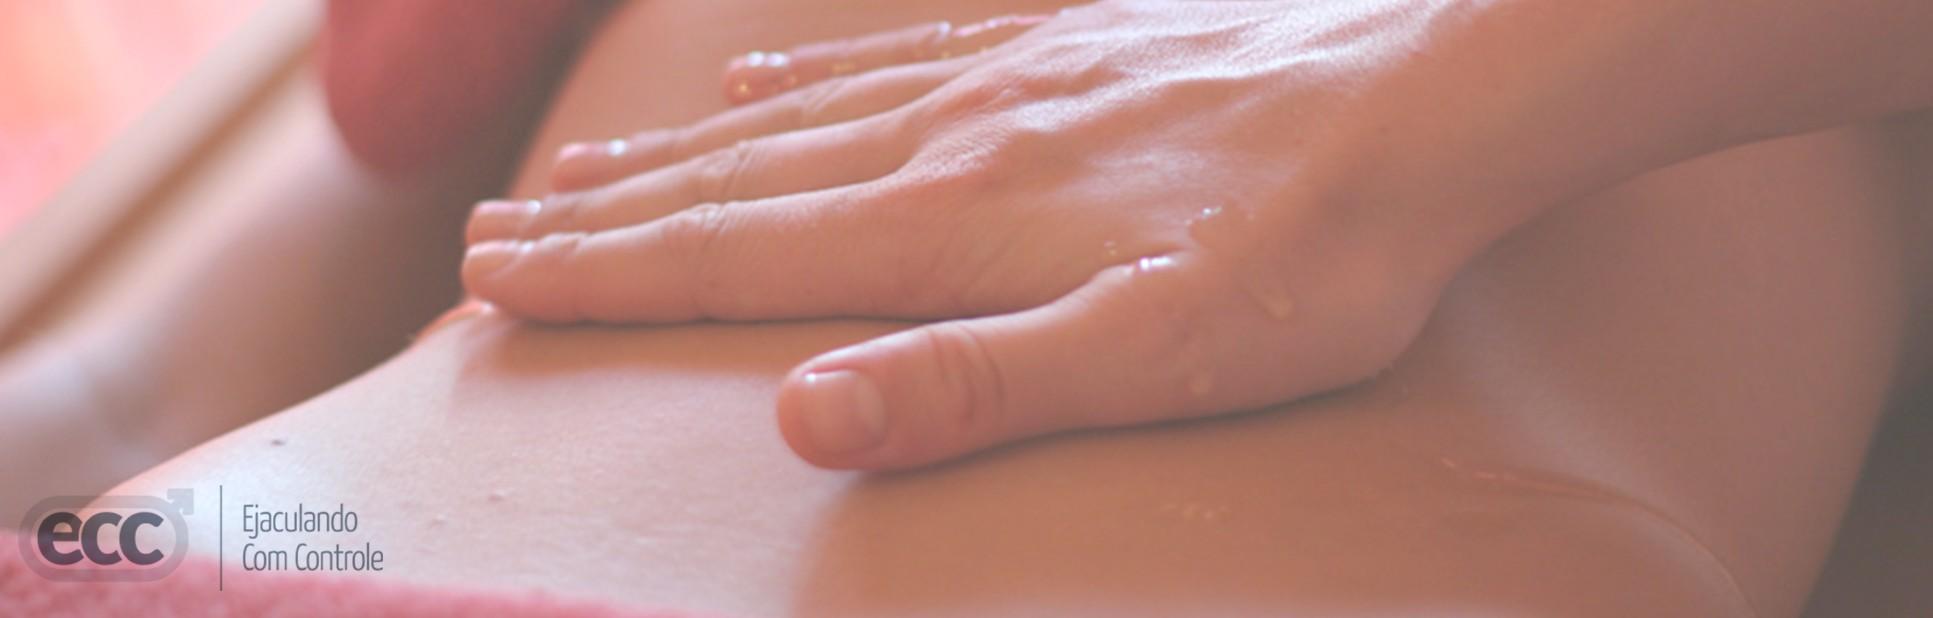 como fazer a massagem yoni